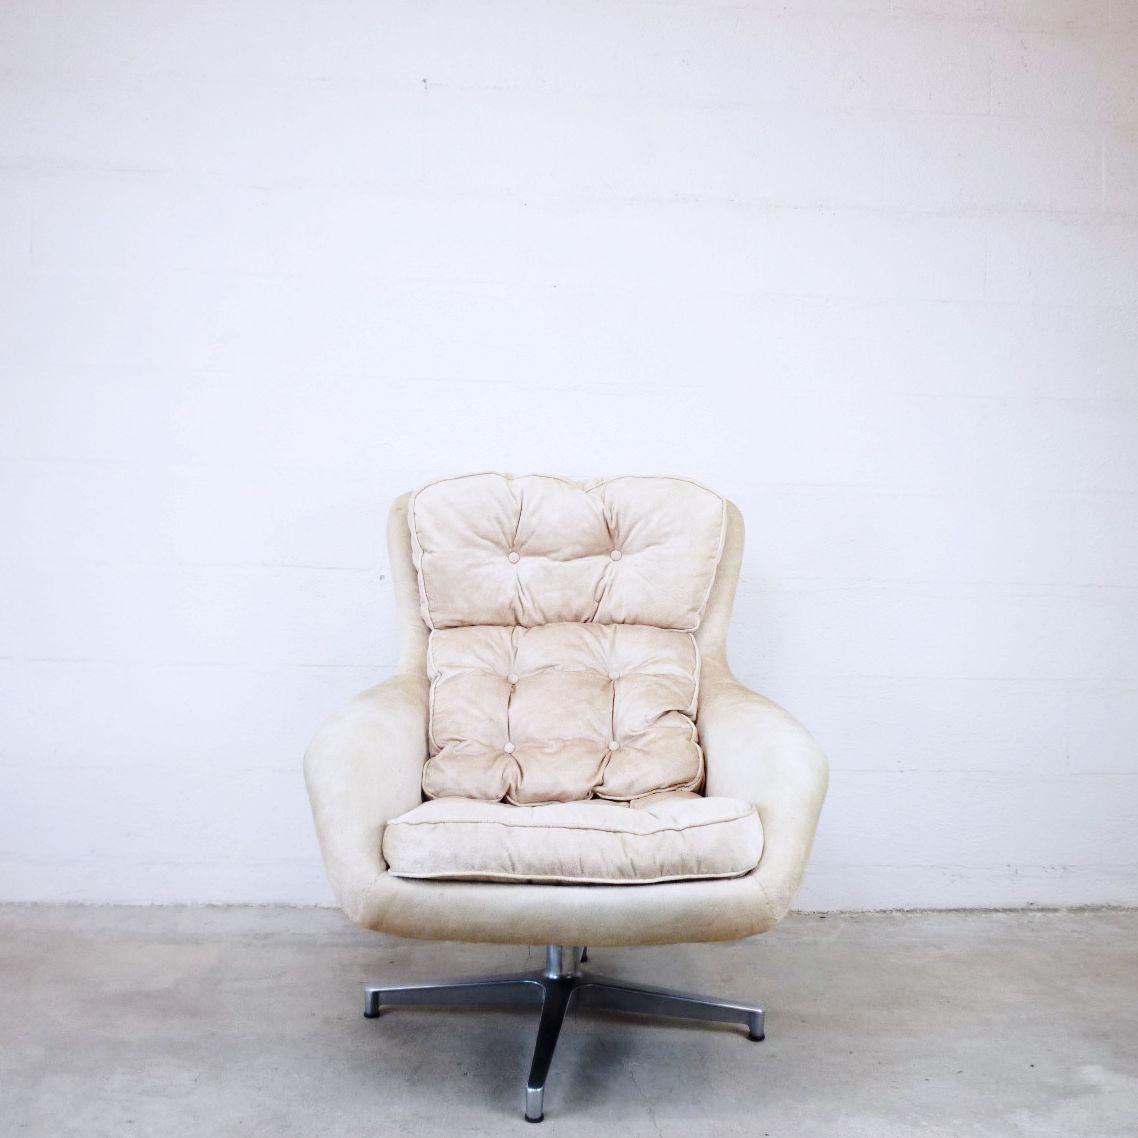 Vintage Form 7 Sessel von Alf Svensson für Dux